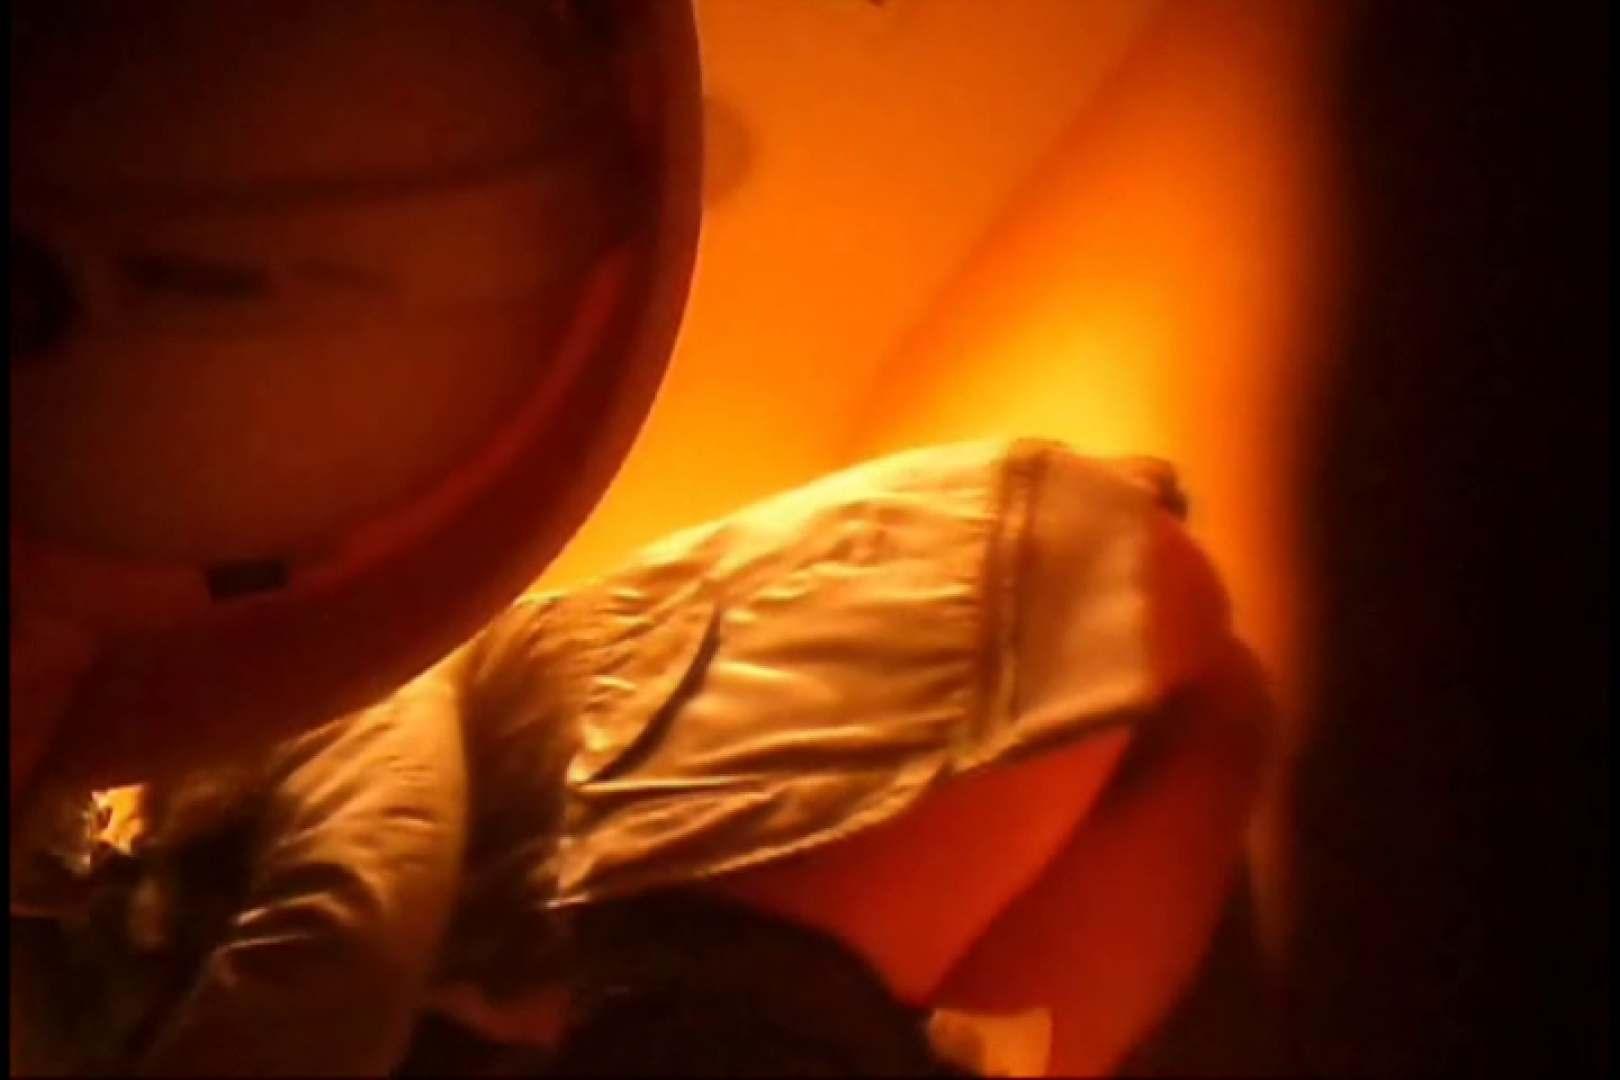 潜入!!女子化粧室盗撮~絶対見られたくない時間~vo,78 潜入シリーズ   お尻  90pic 81